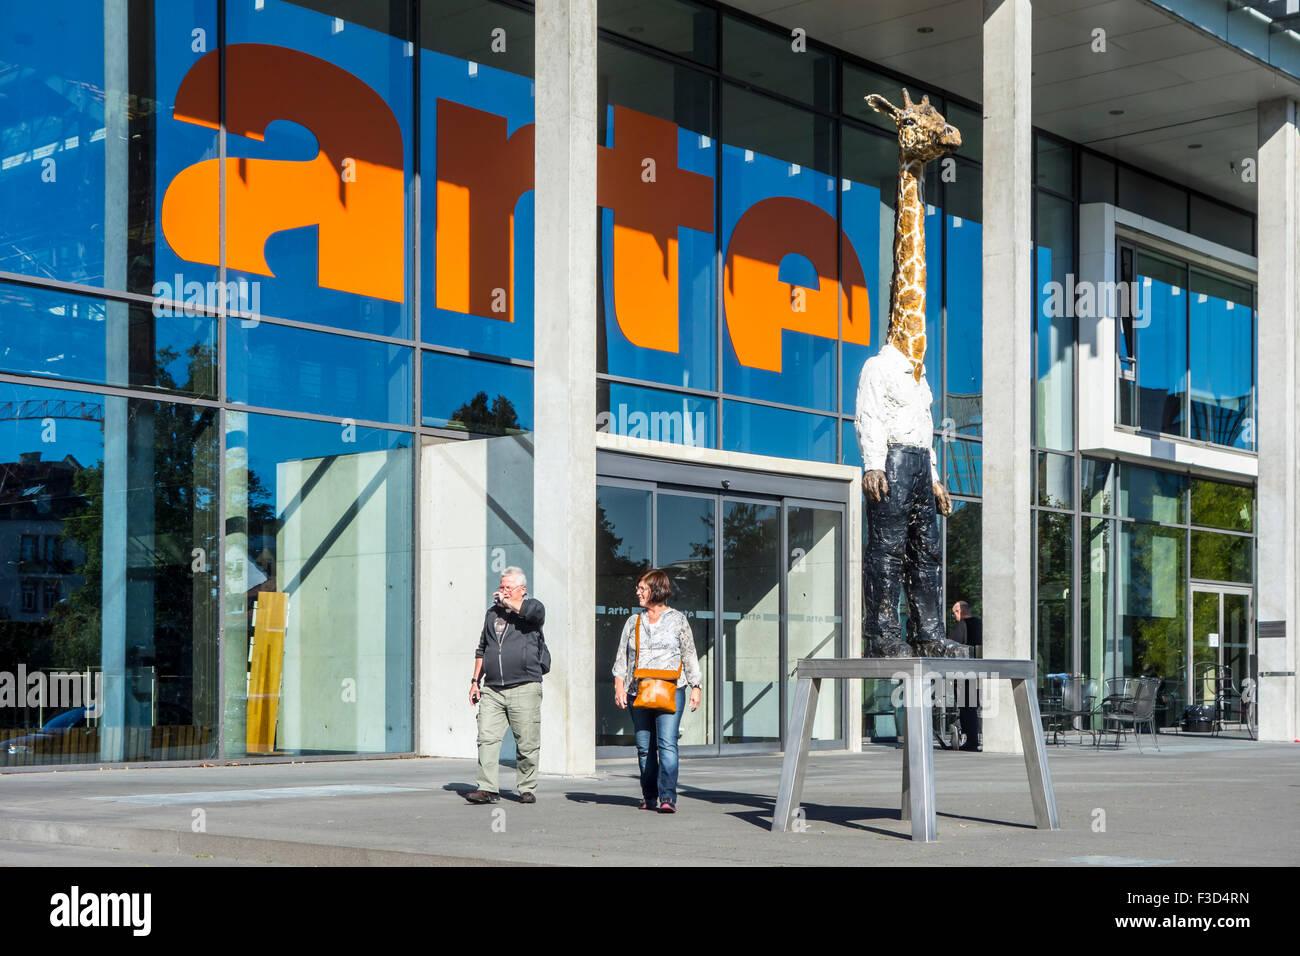 Ingresso del l'arte edificio, franco-tedesco di rete TV e canale europeo di Strasburgo, Francia Immagini Stock